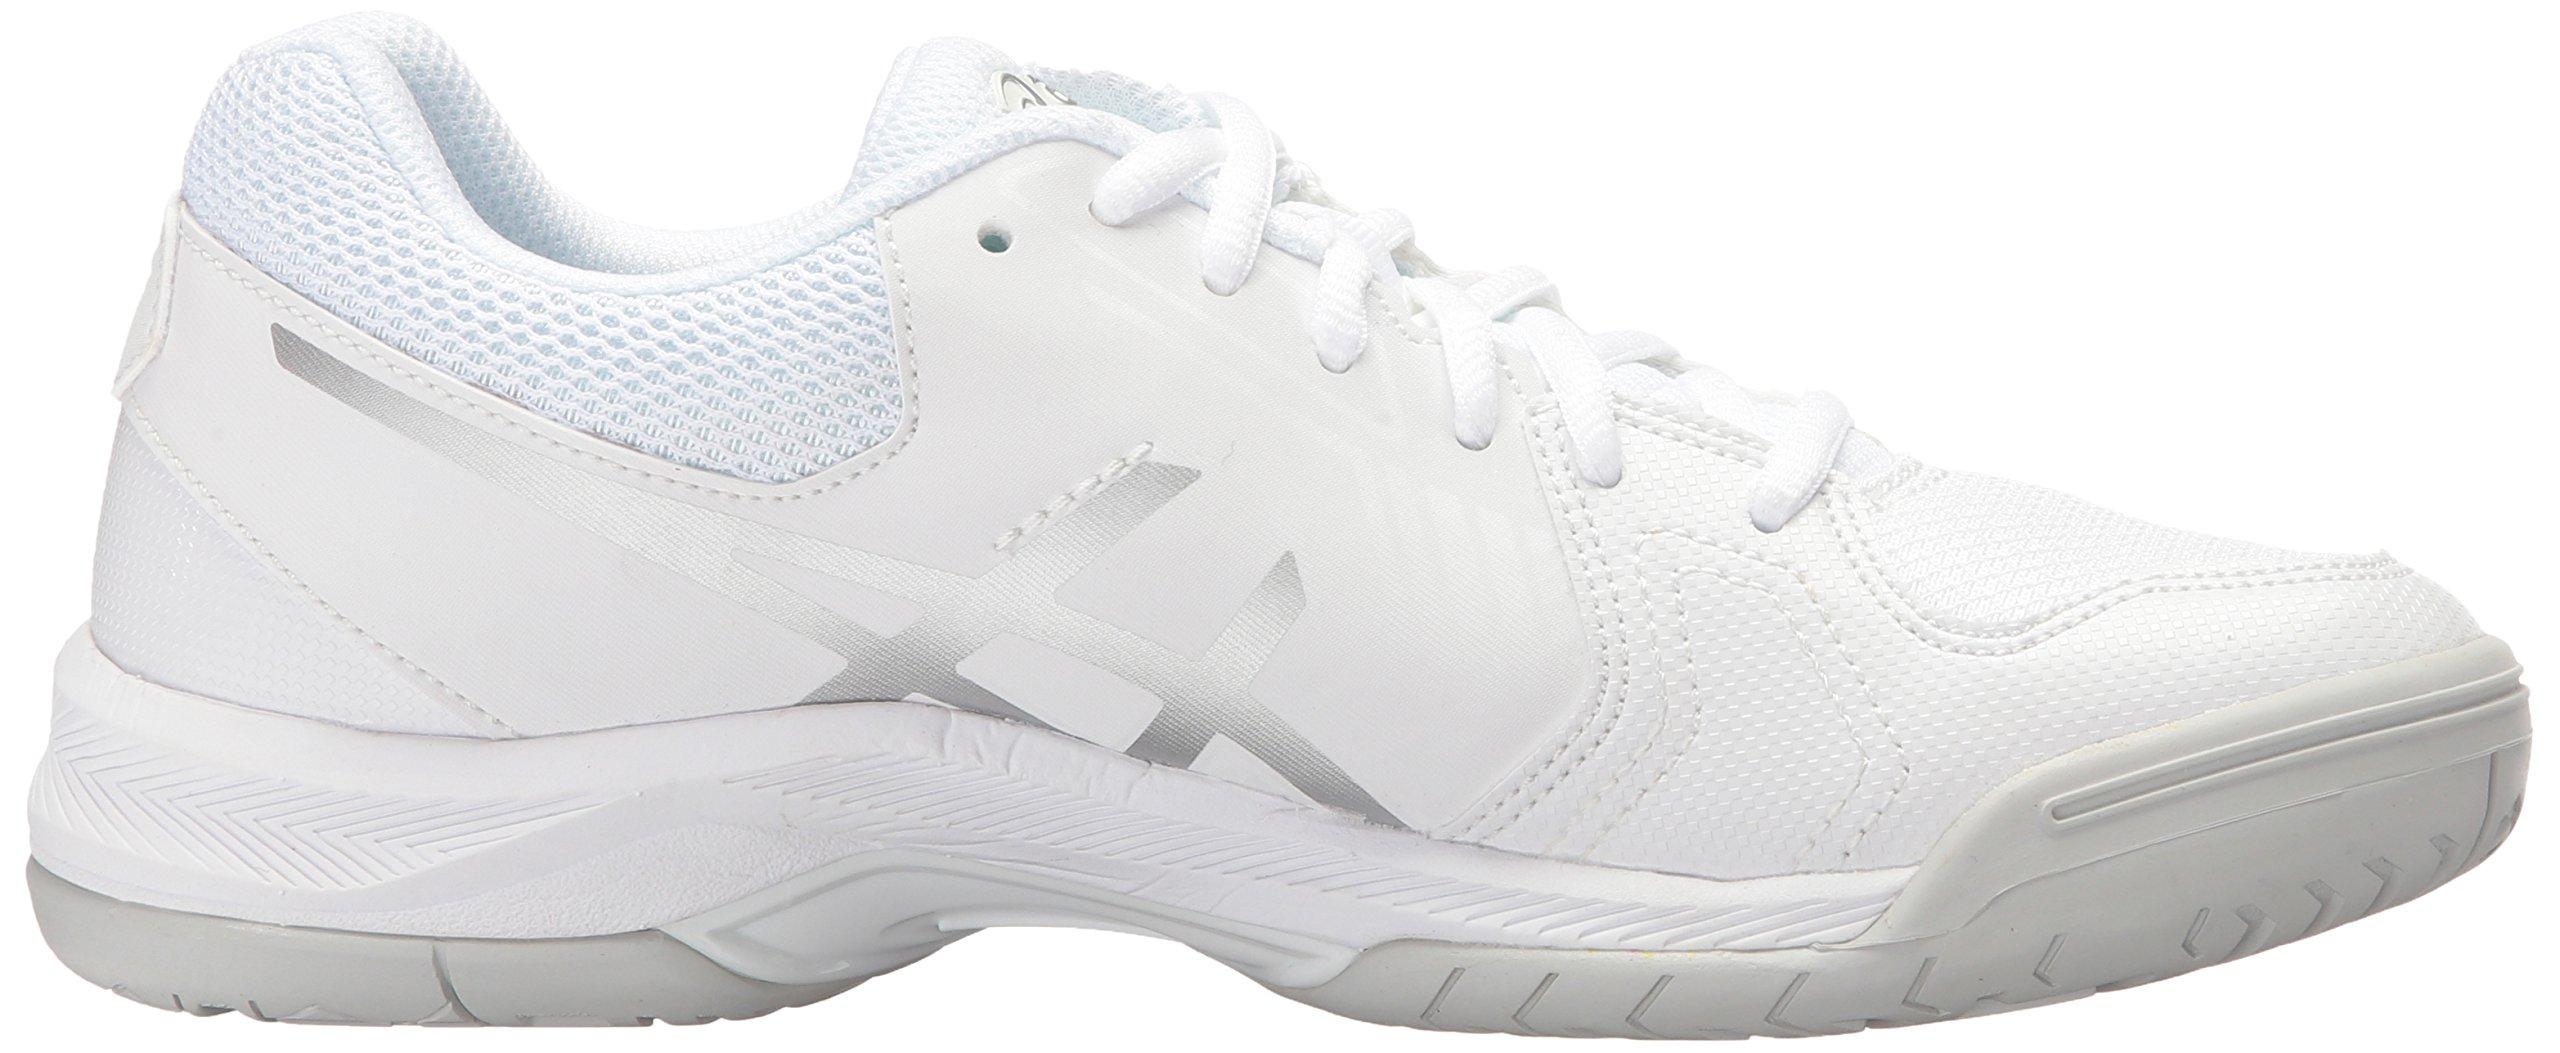 ASICS Women's Gel-Dedicate 5 Tennis Shoe White/Silver 5.5 M US by ASICS (Image #7)